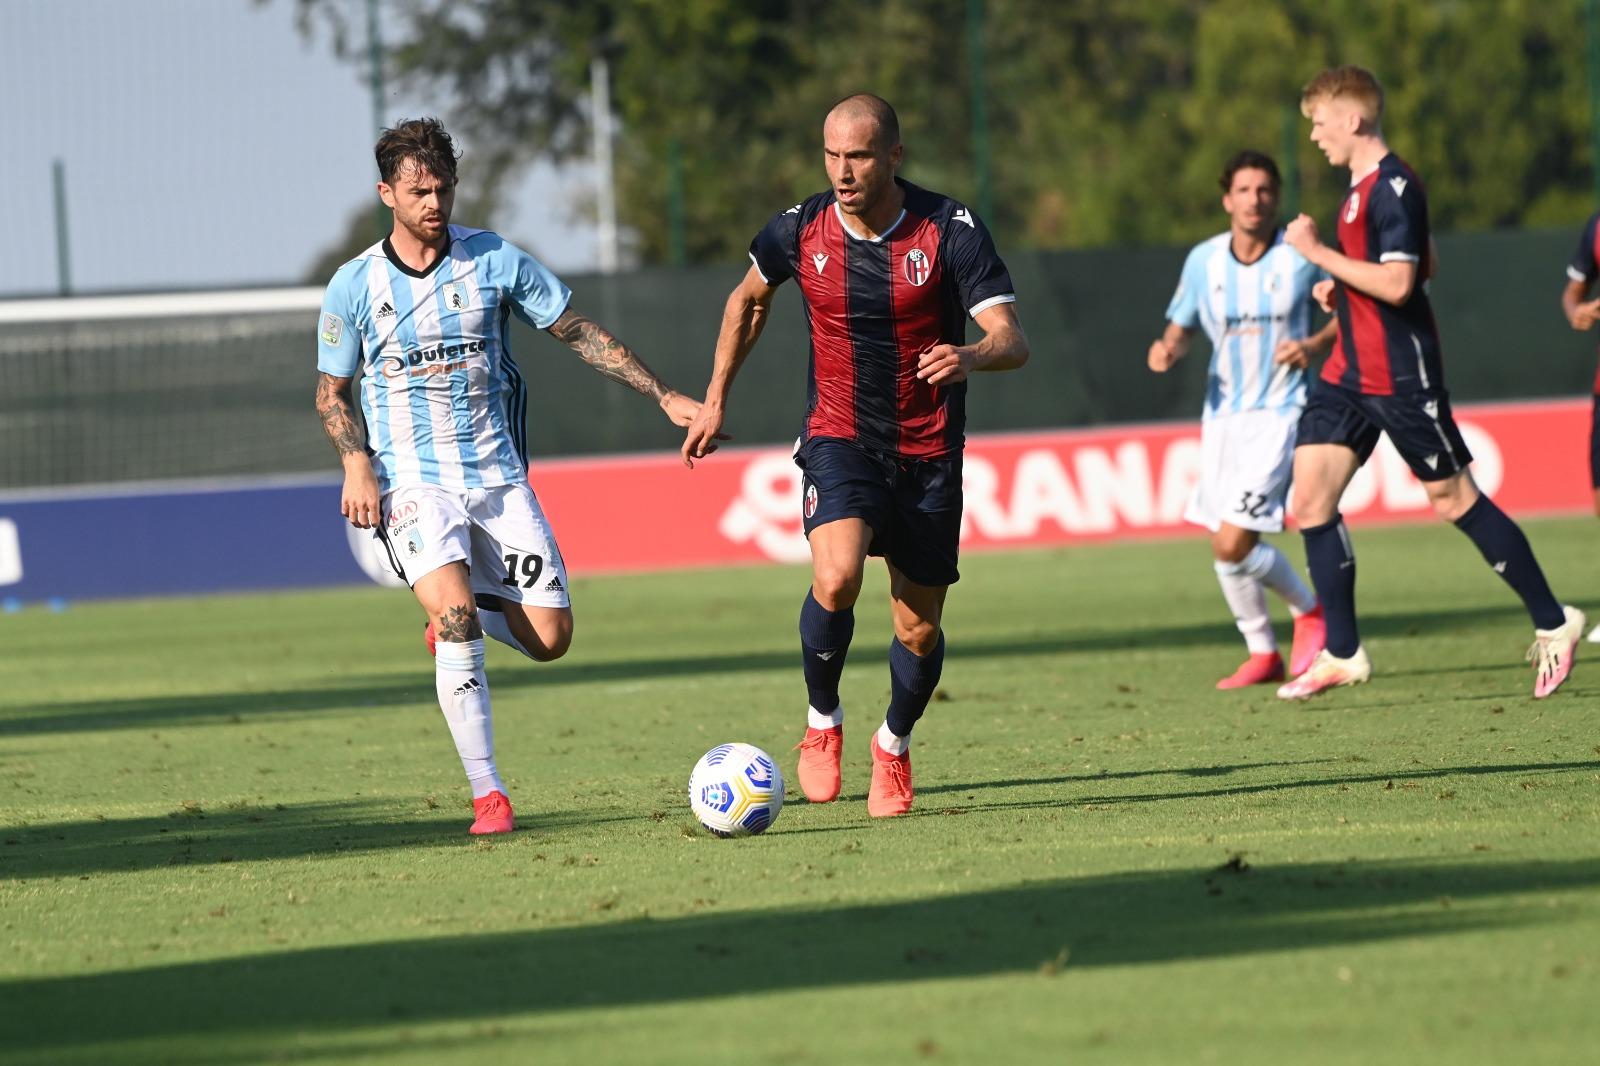 Bologna FC - Ufficiale: De Silvestri al Bologna